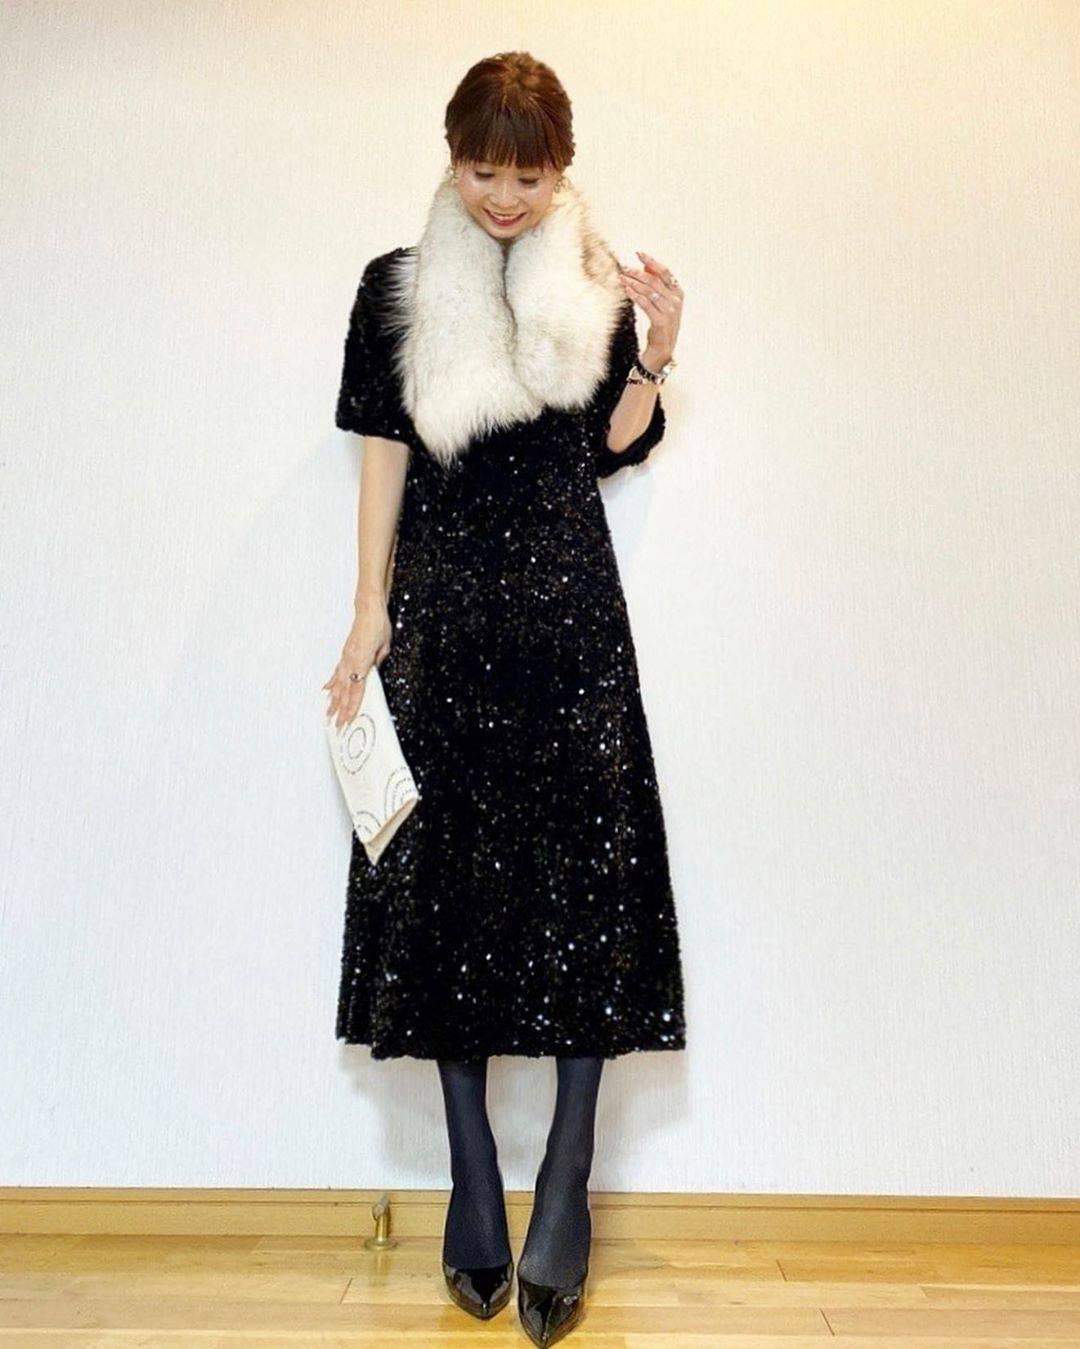 最高気温10度・最低気温5度 acmee.chiyoの服装